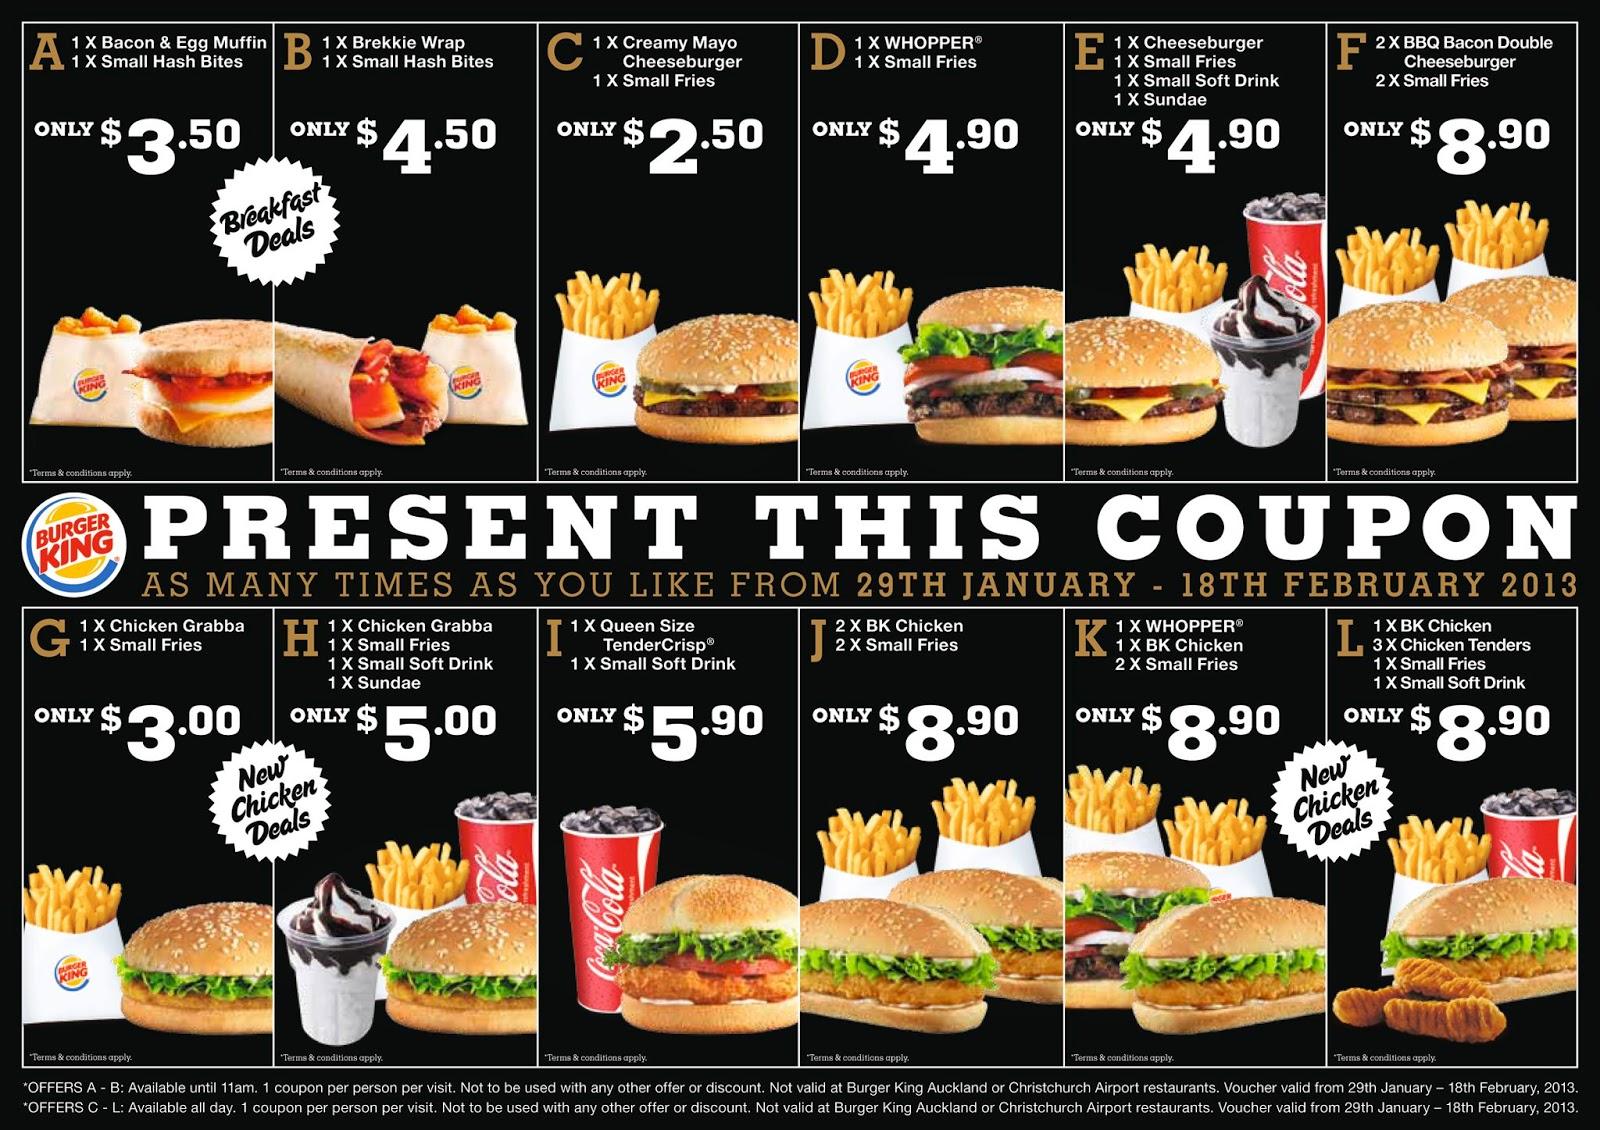 Burger king coupon codes